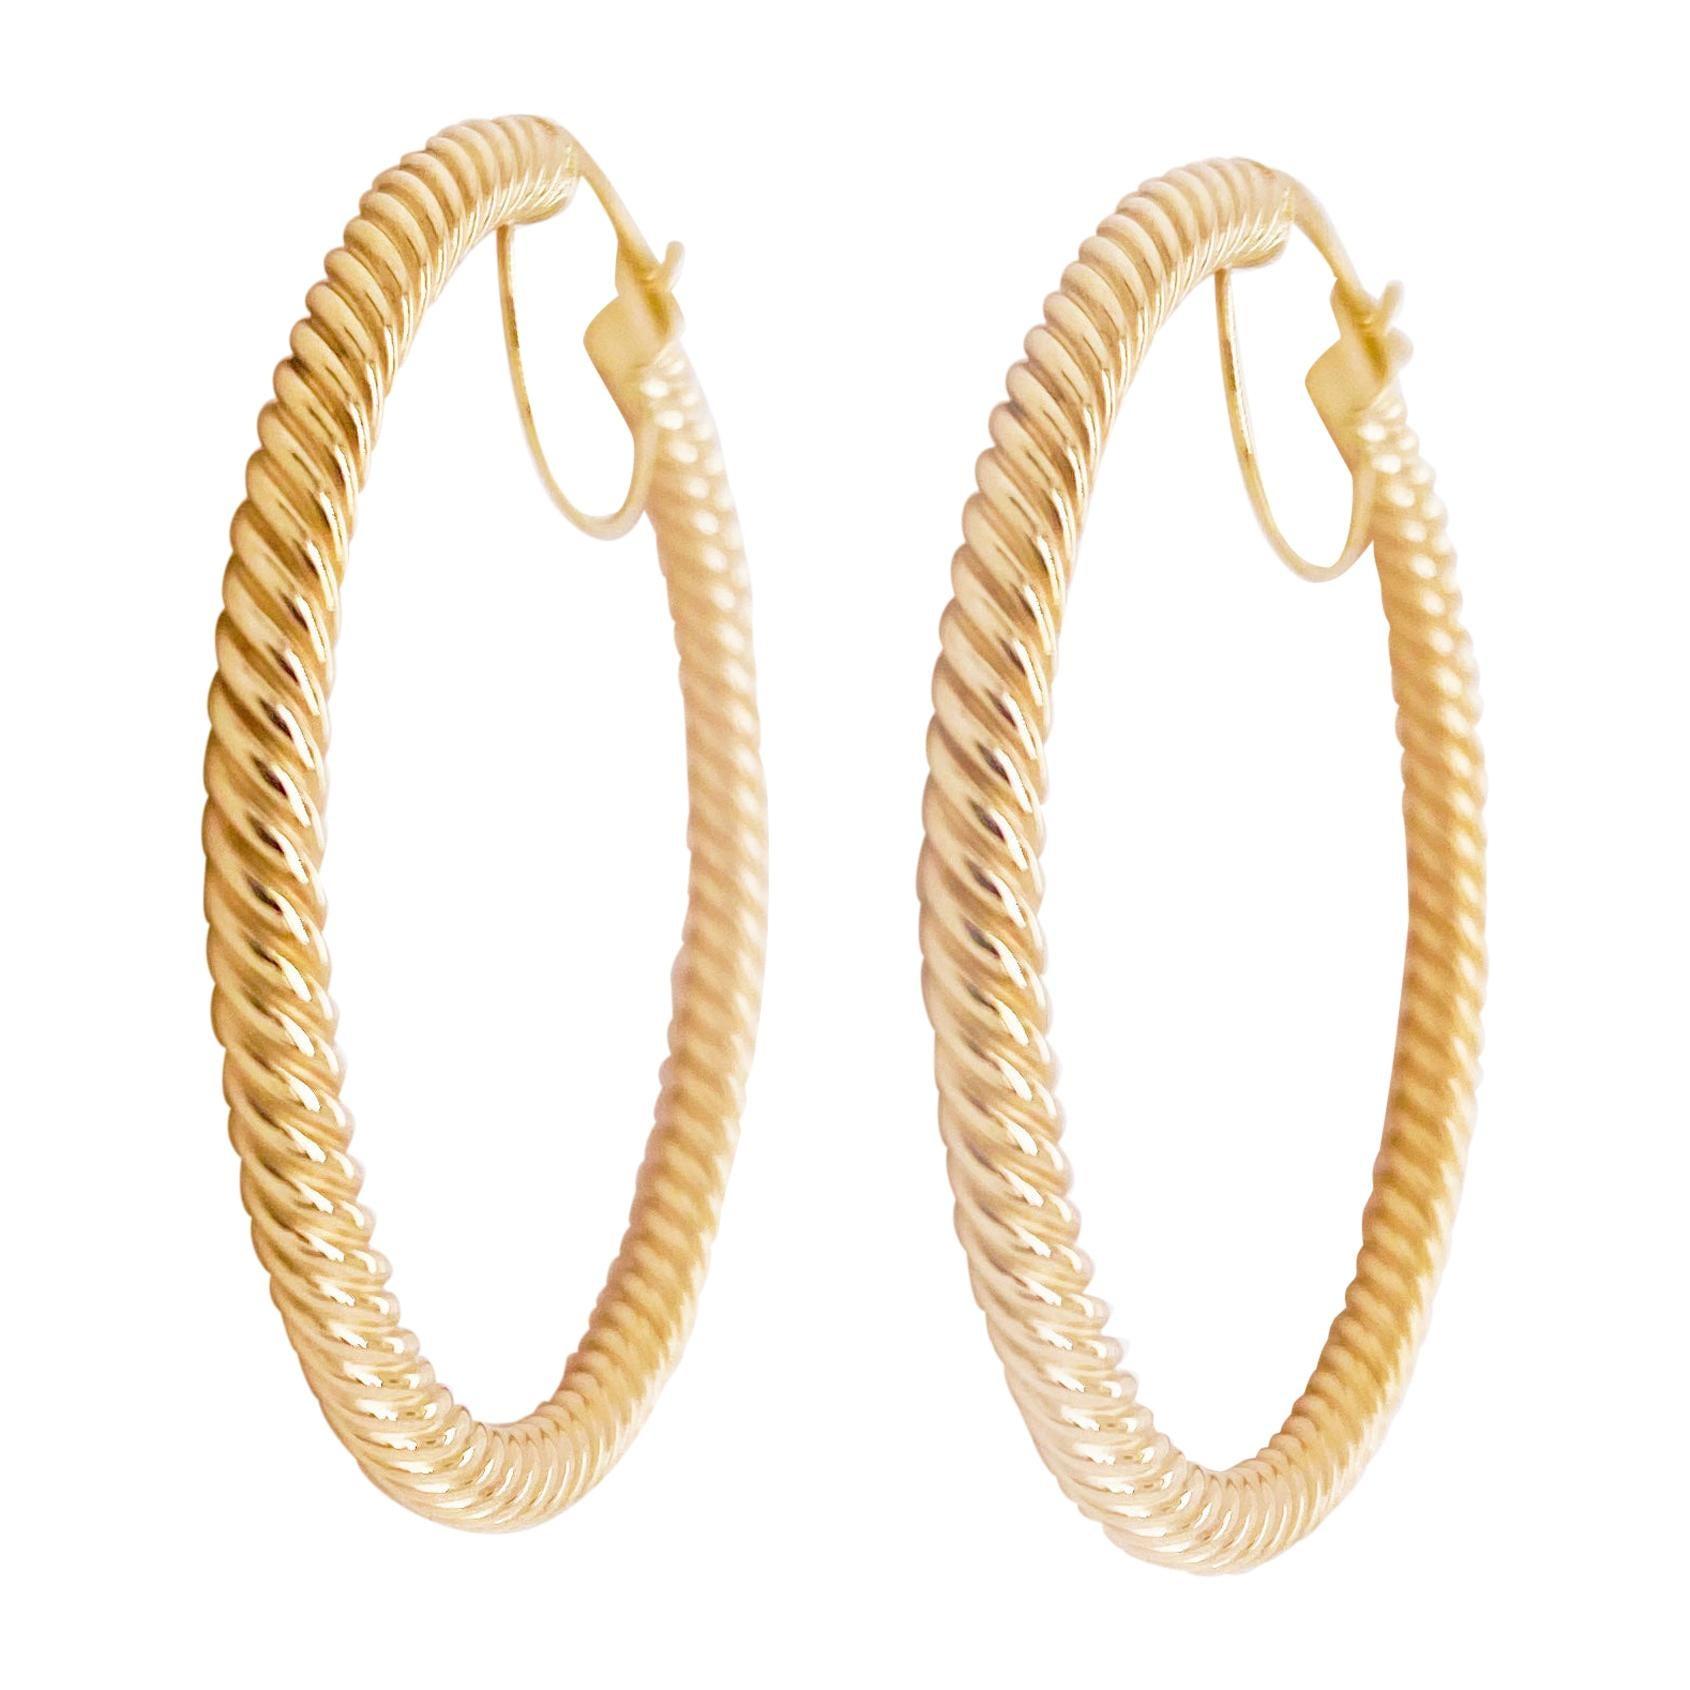 Gold Hoop Earrings, 14 Karat Twisted Hoops, 14 Karat Yellow Gold, Medium Hoops